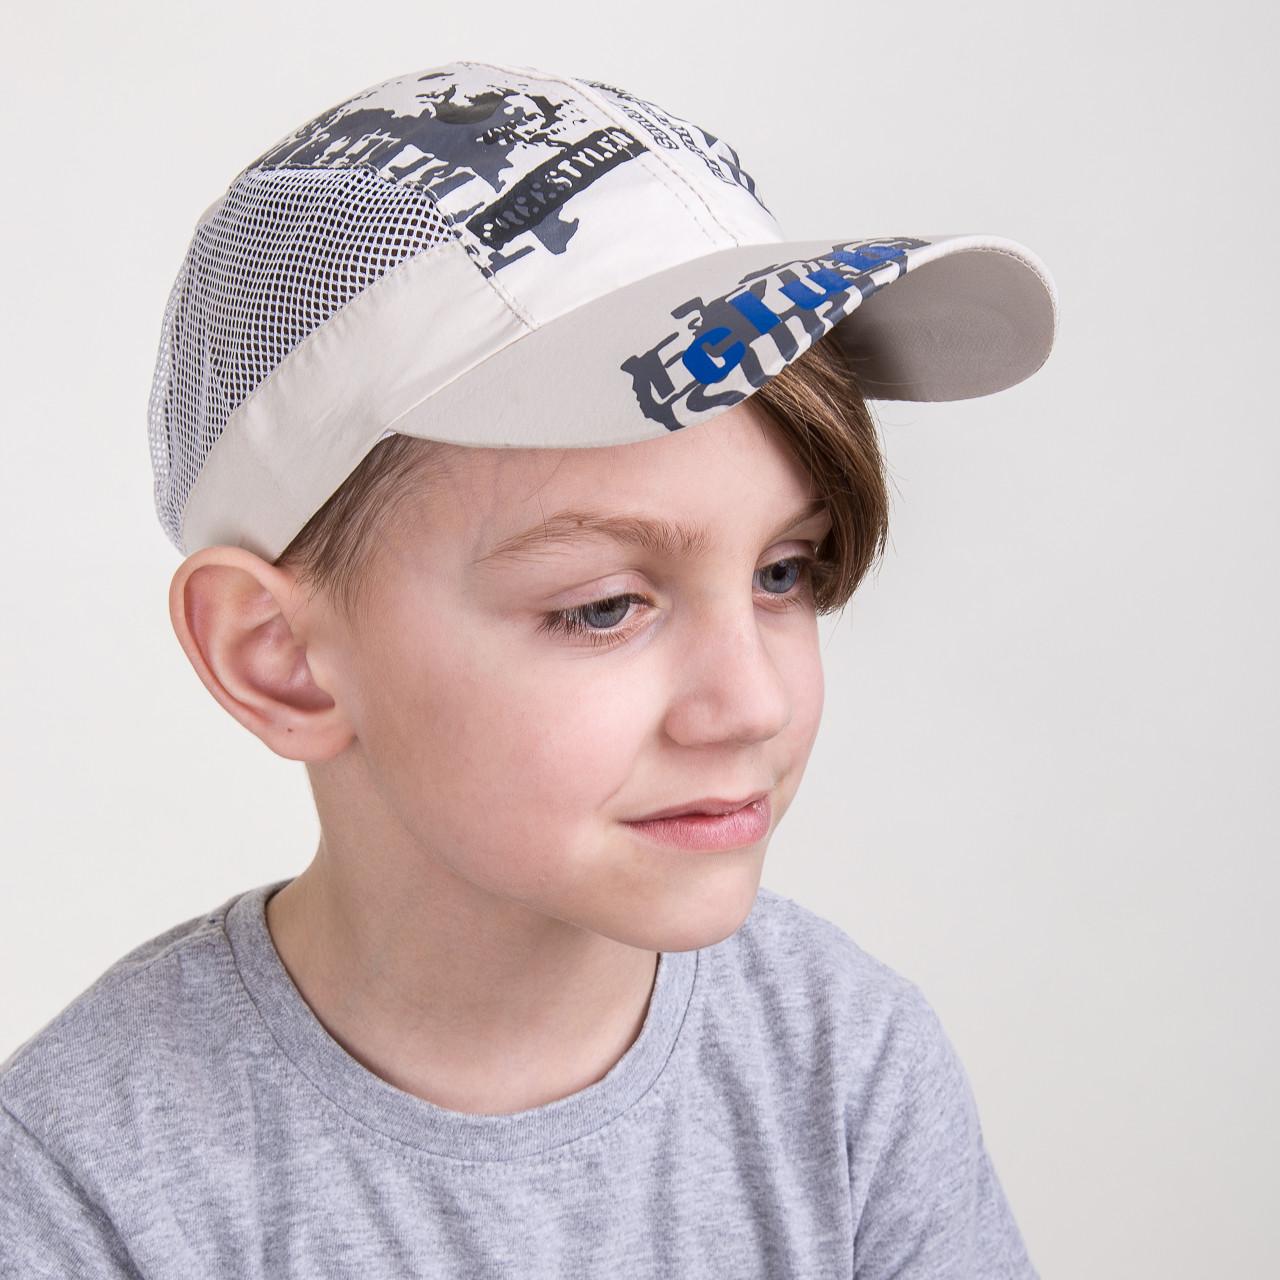 Спортивная кепка для мальчика от производителя - Extreme - Б06